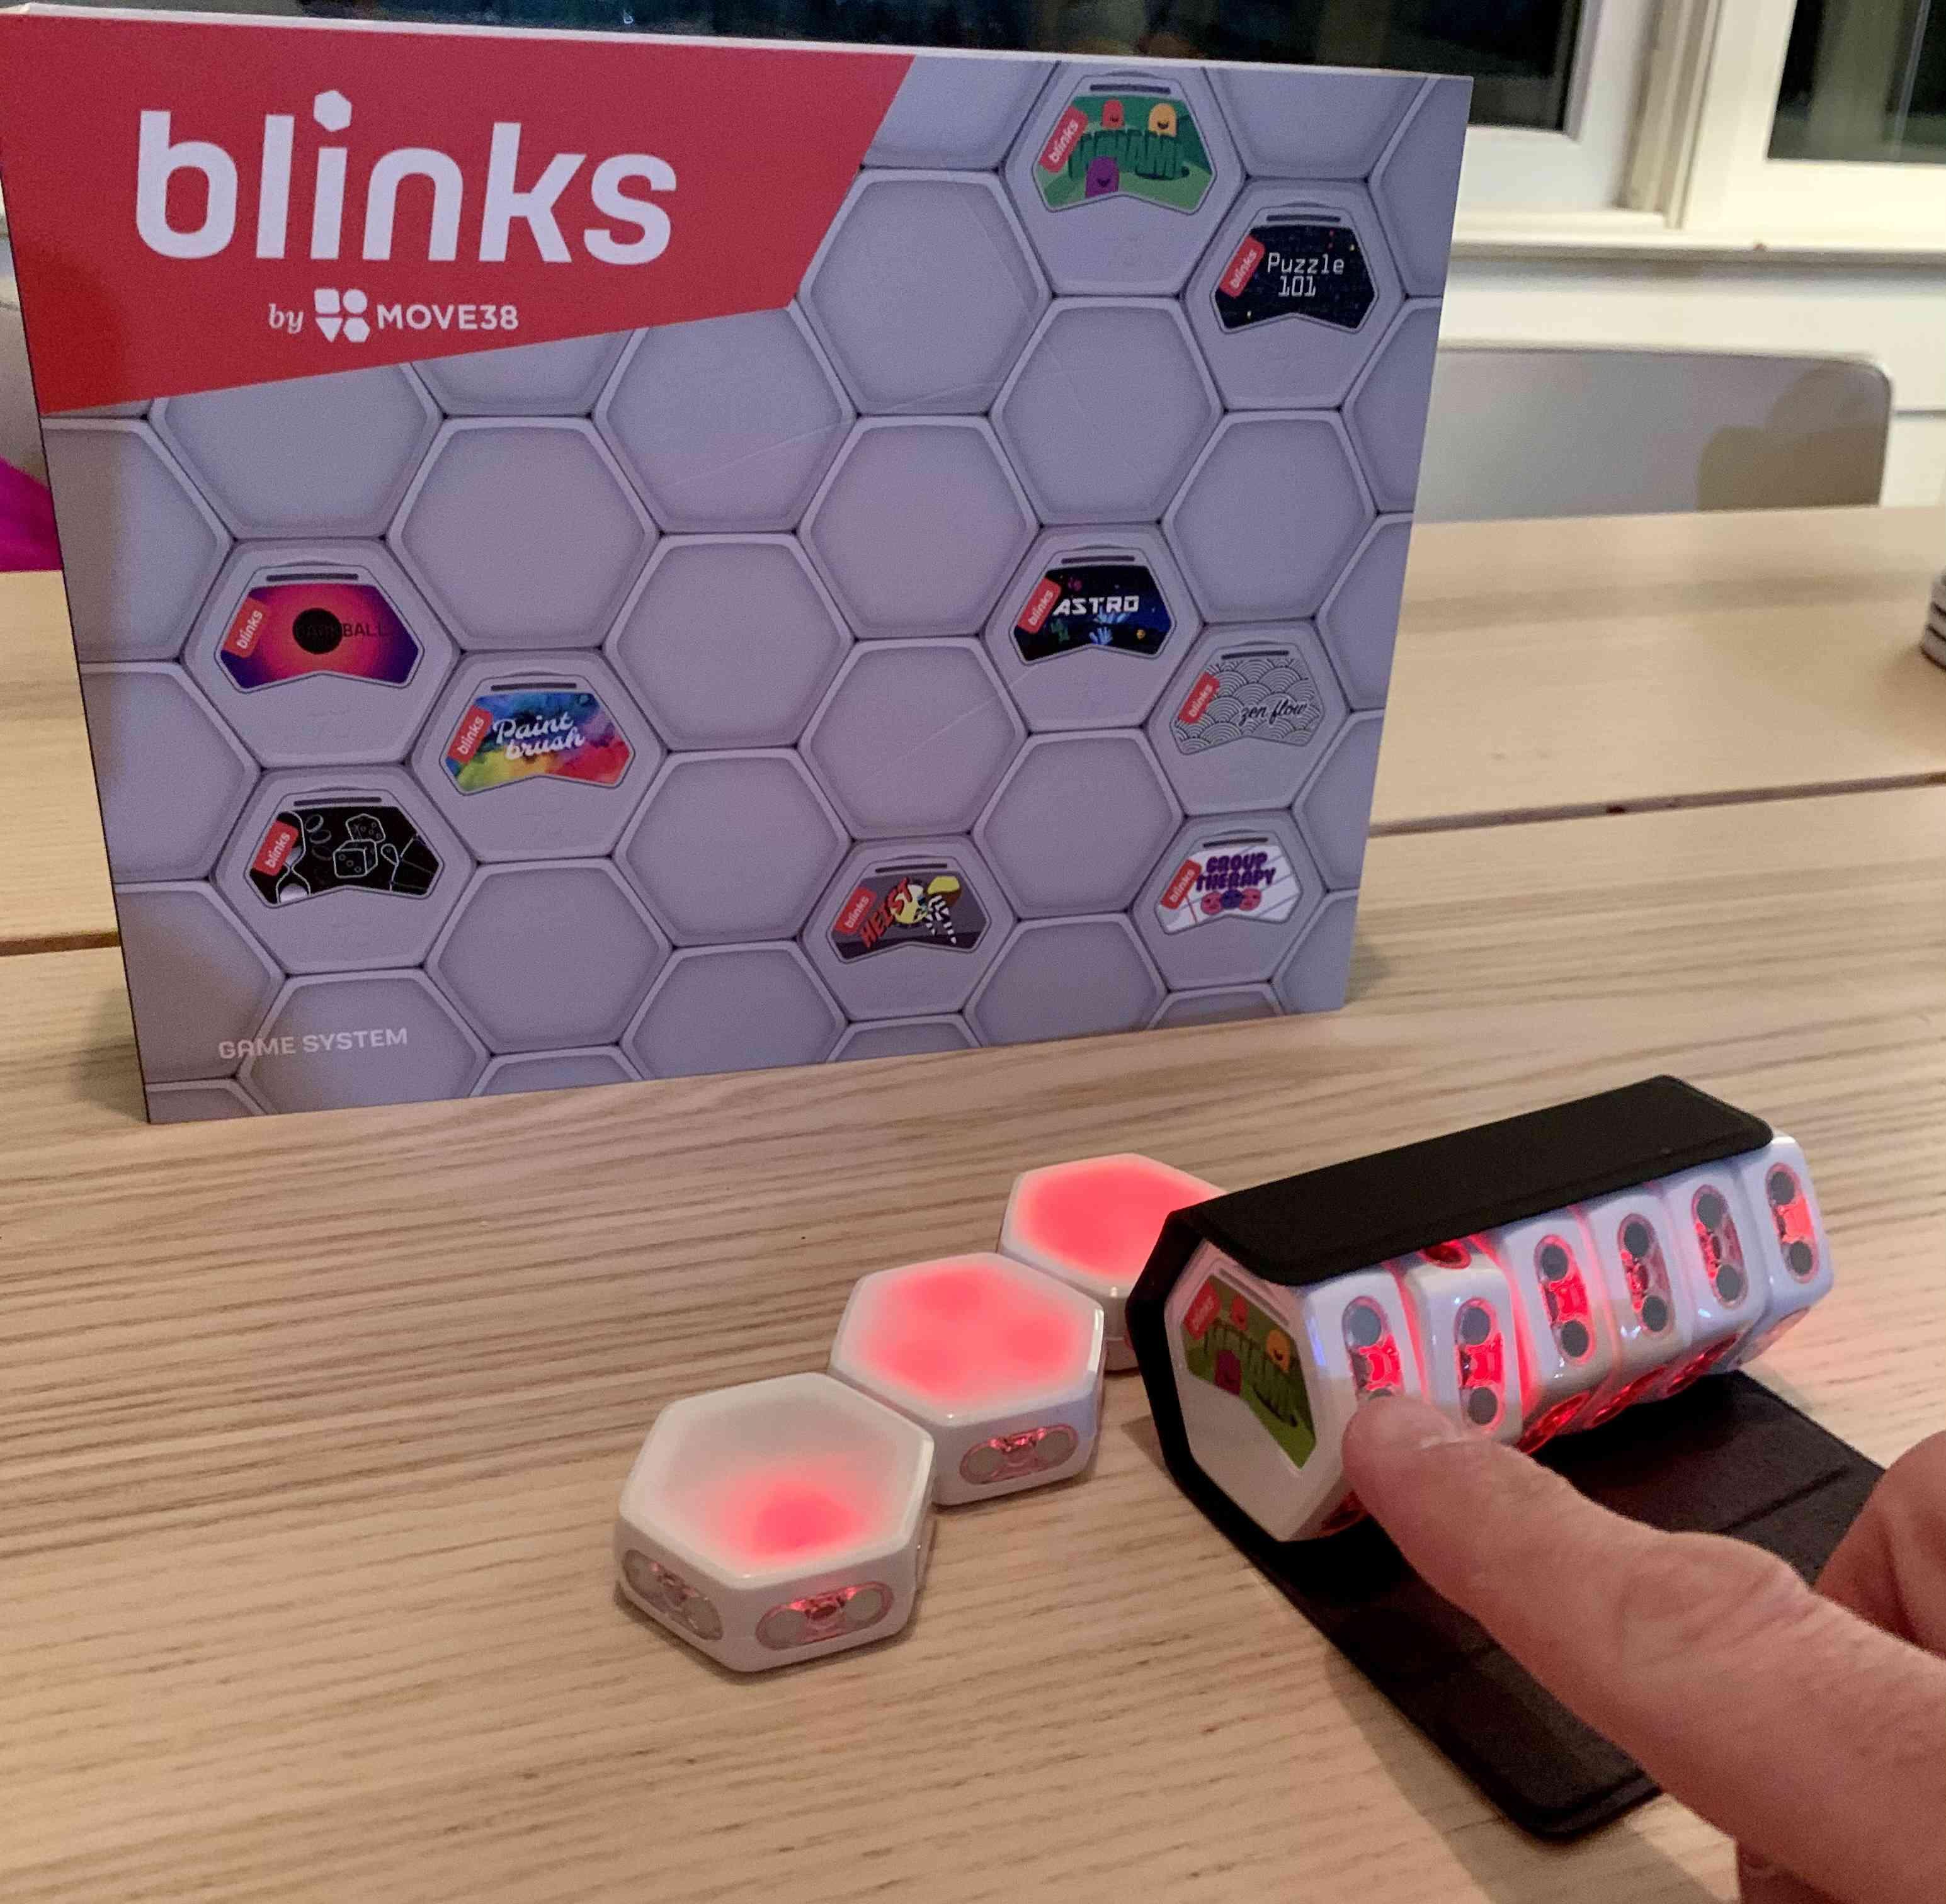 The Blinks starter game set.